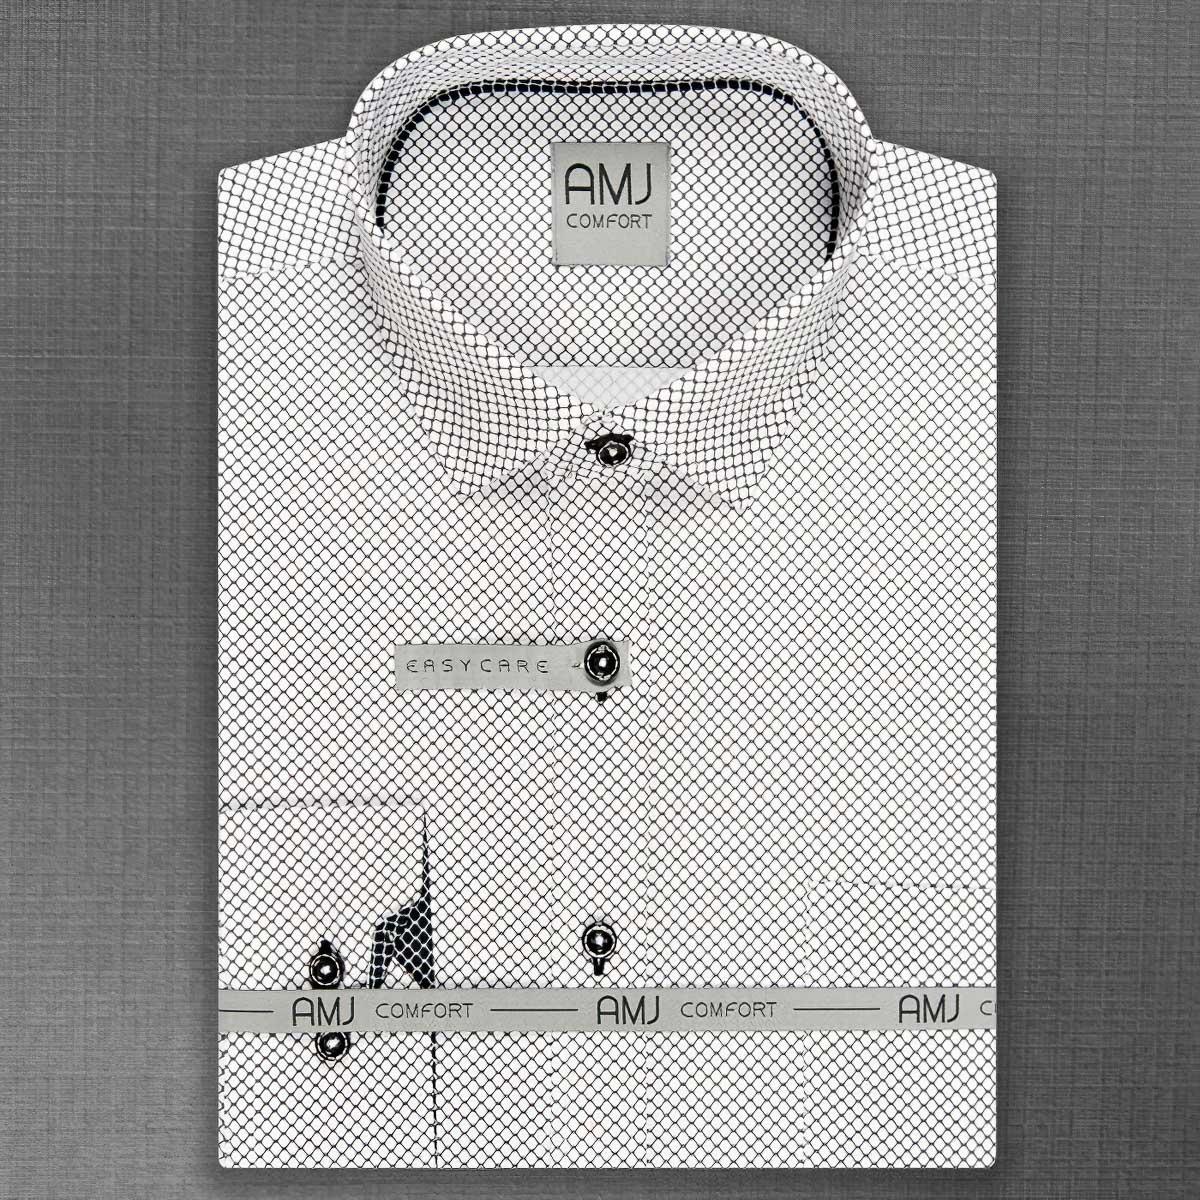 Pánská košile AMJ bavlněná, síťovaný černý vzor na bílé VDBL861, dlouhý rukáv